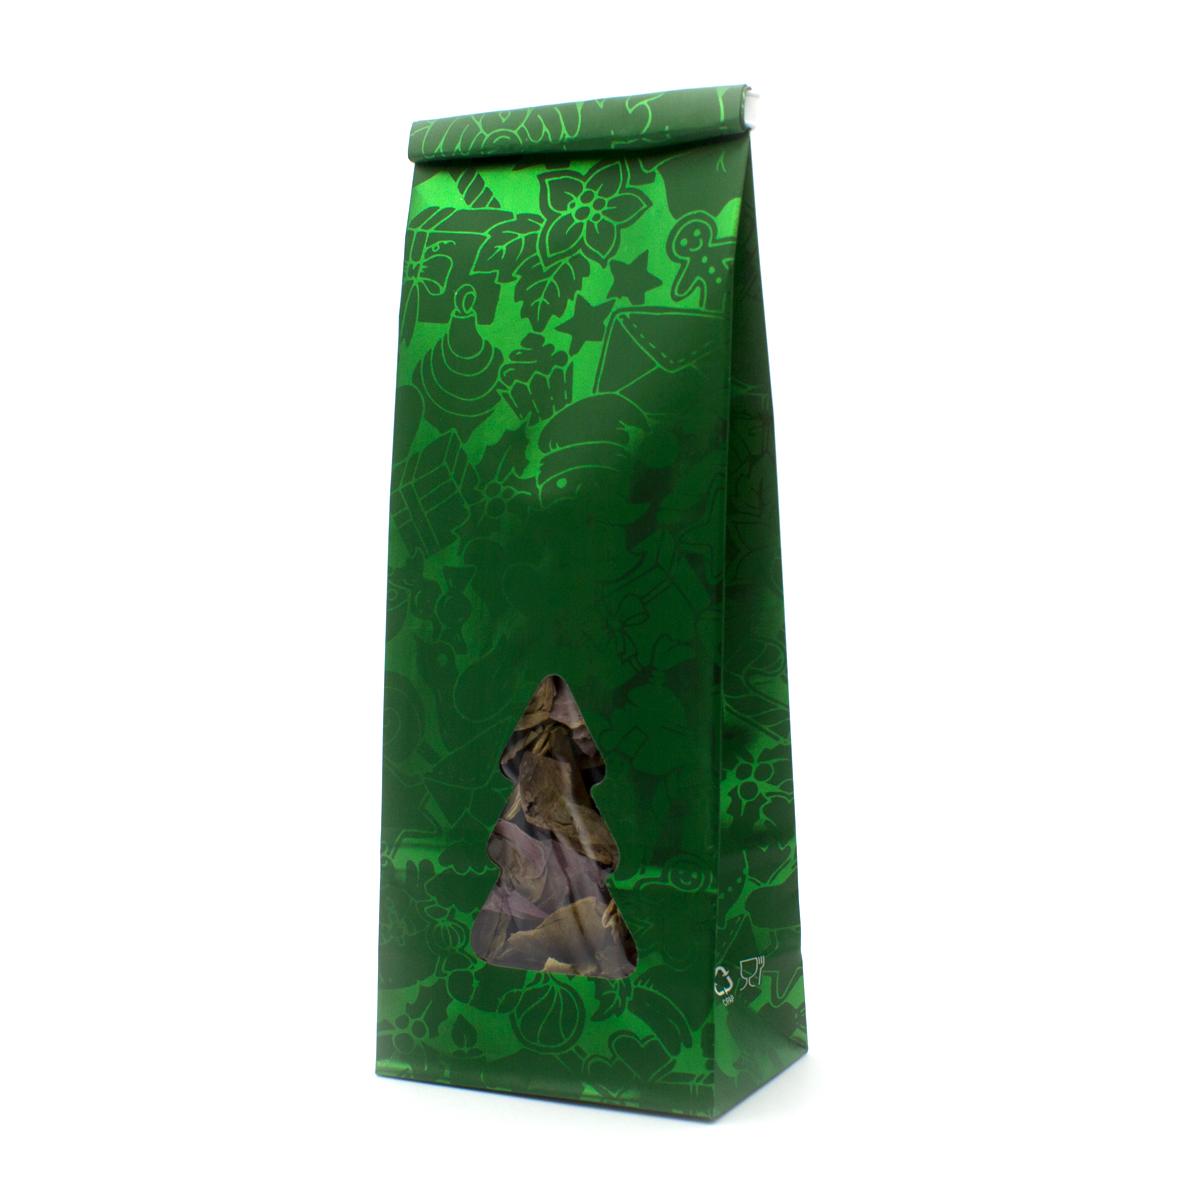 Пакет для чая 250 гр с окошком Новый год (22,5 х 8 см)